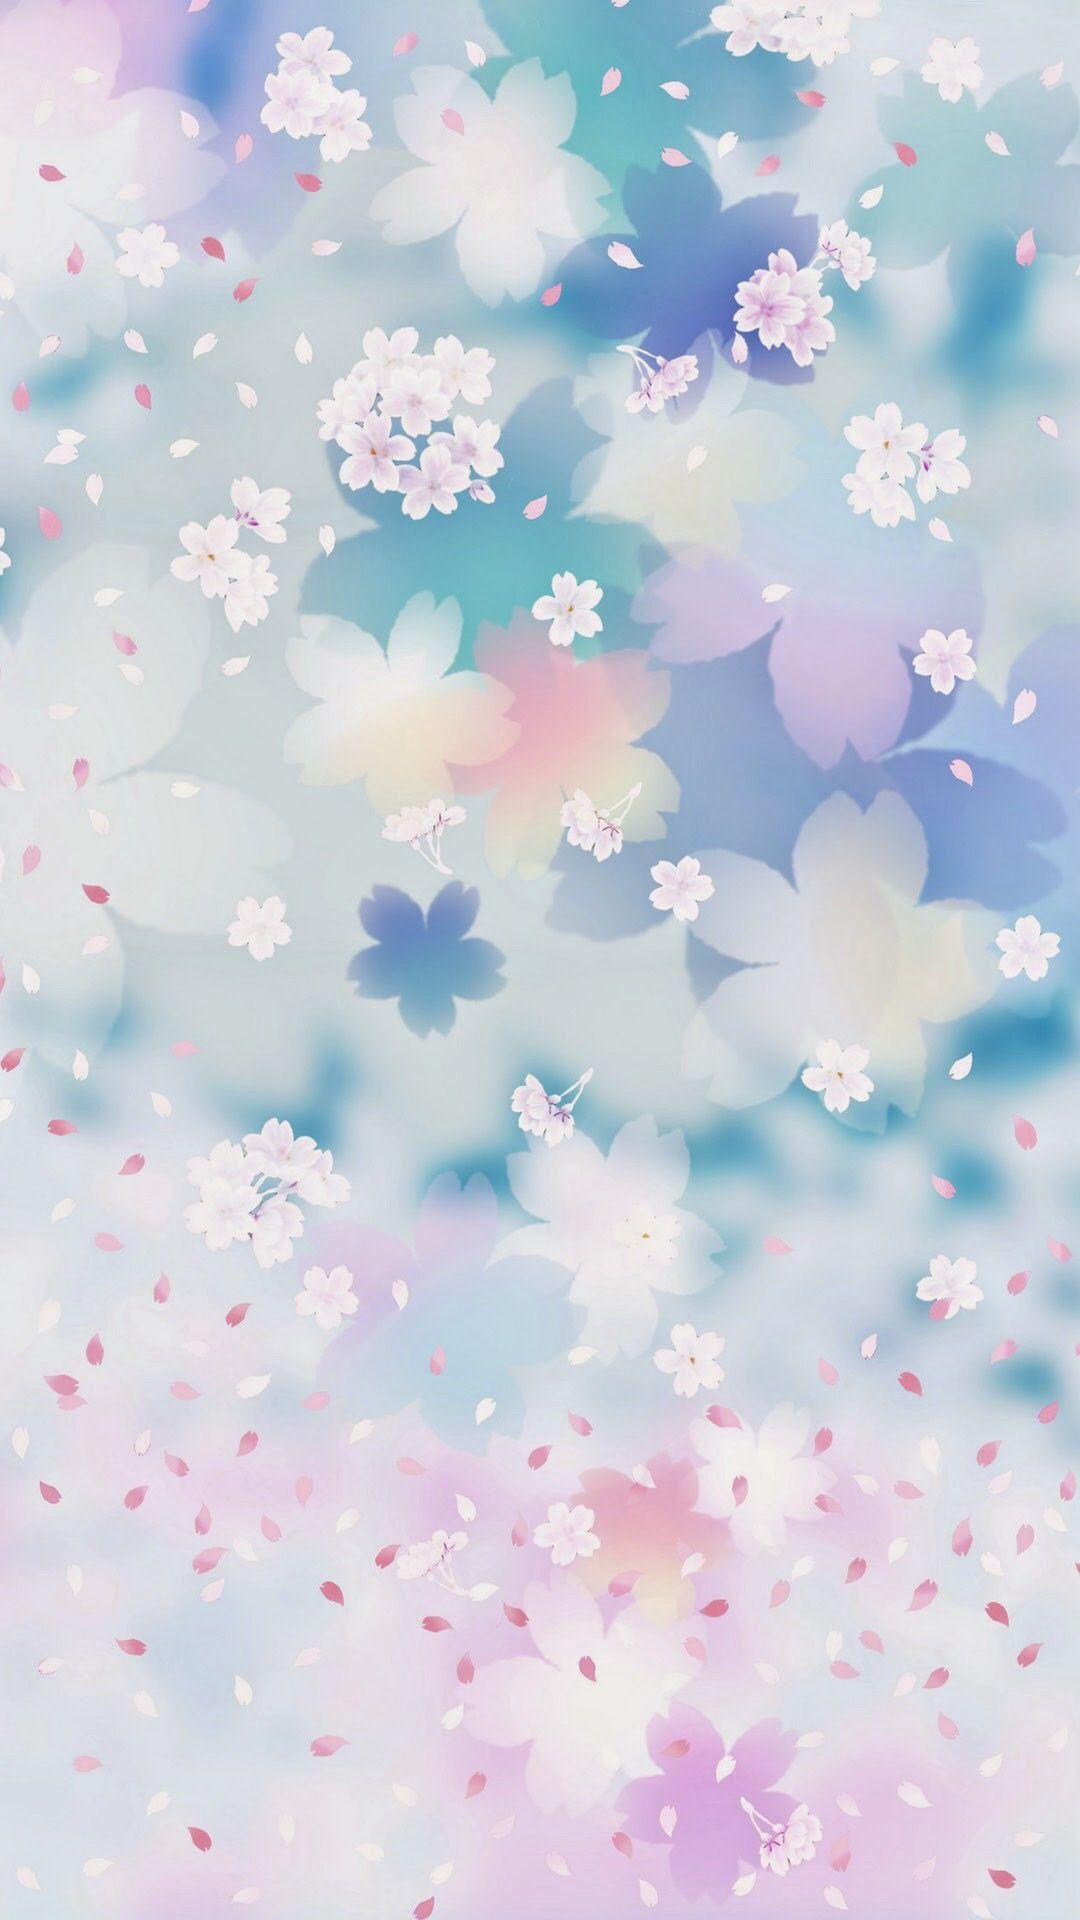 Fondo de escritorio kawaii, Papel pintado en colores